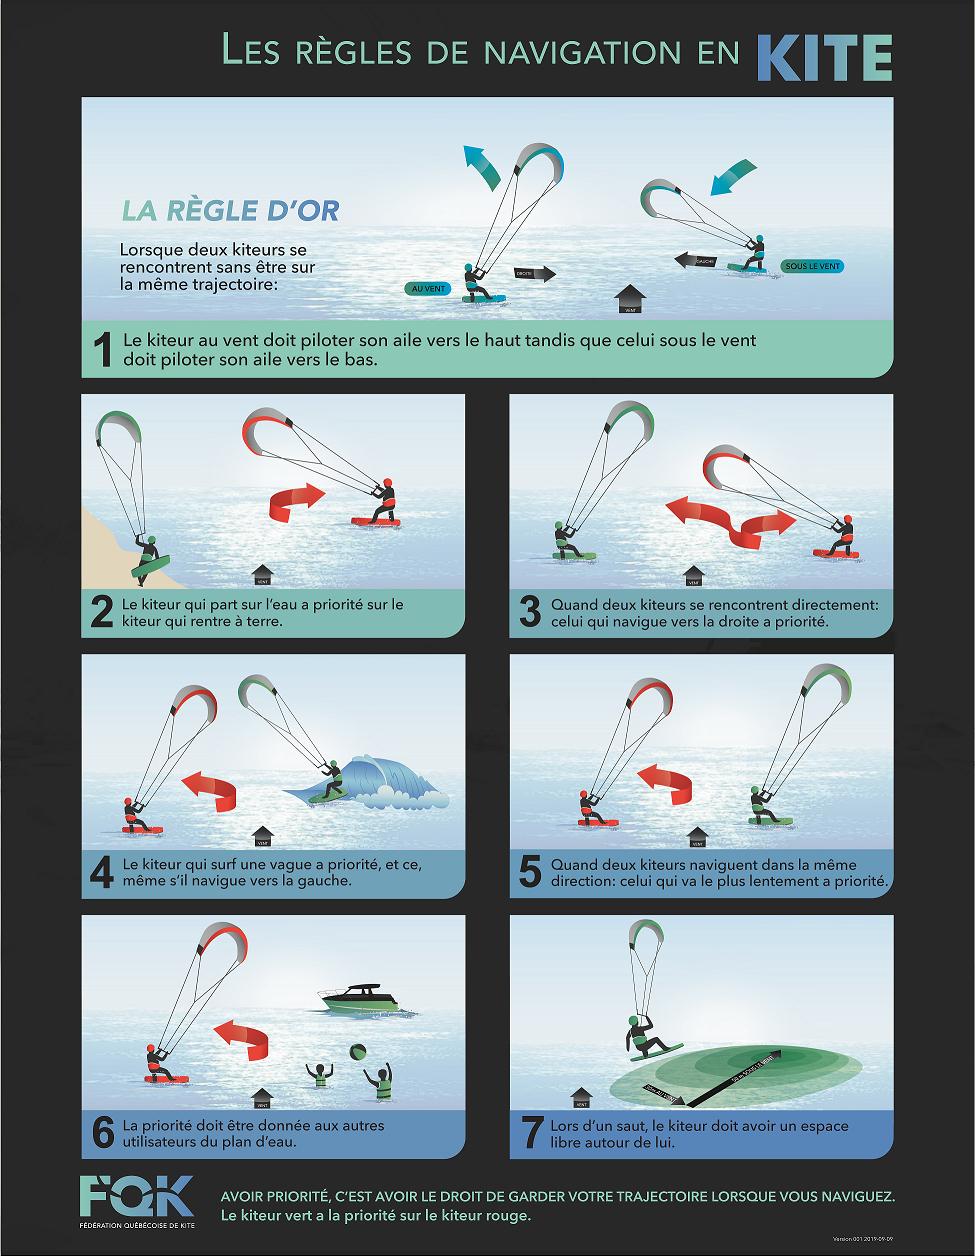 Les règles de navigation en kite